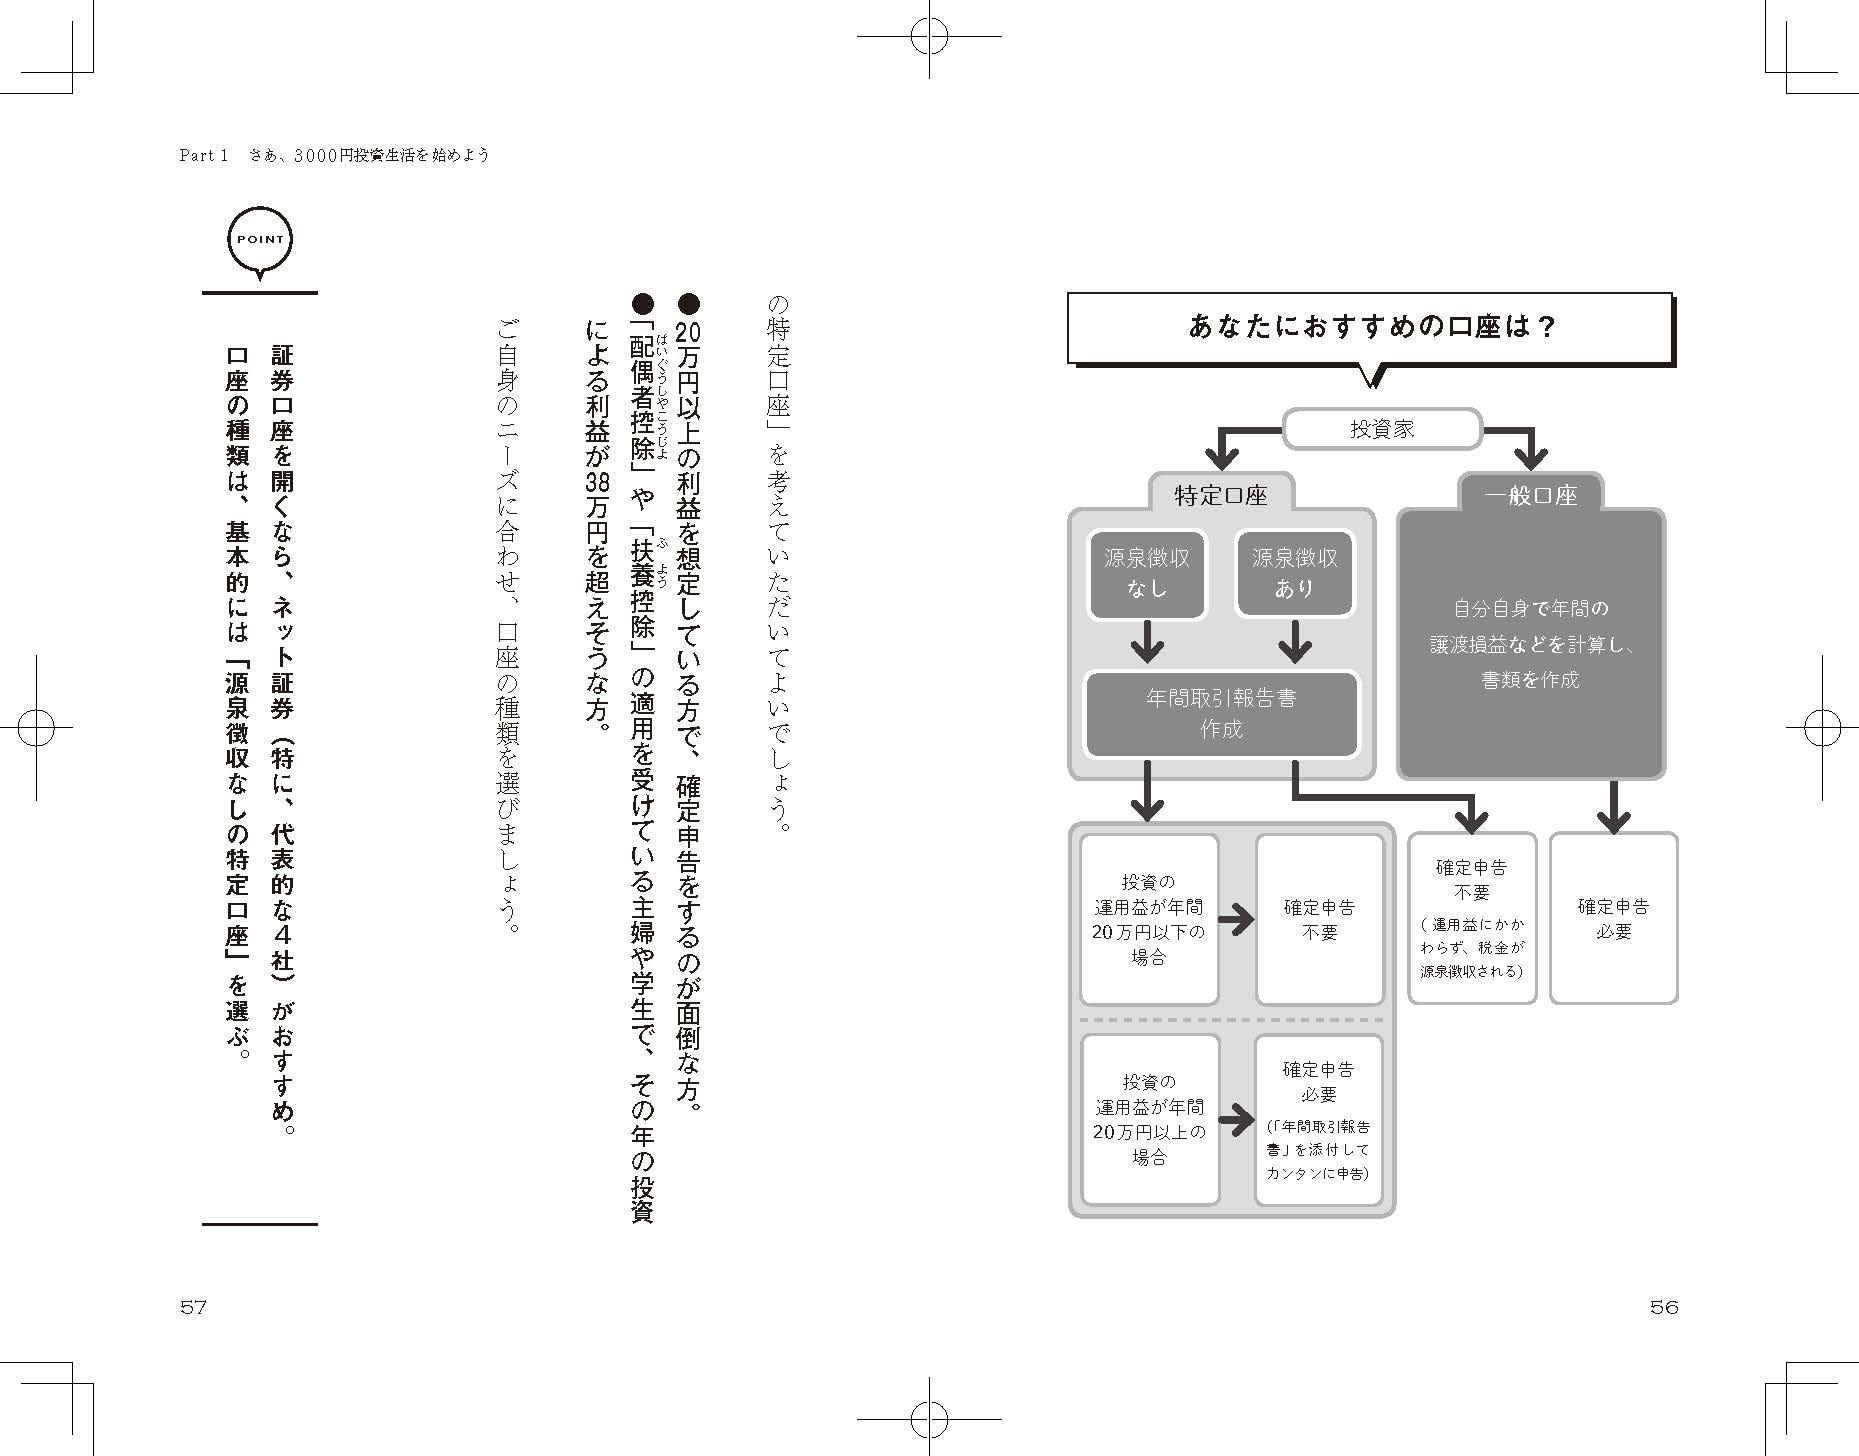 nyushukinmeisai_20170821_ページ_029